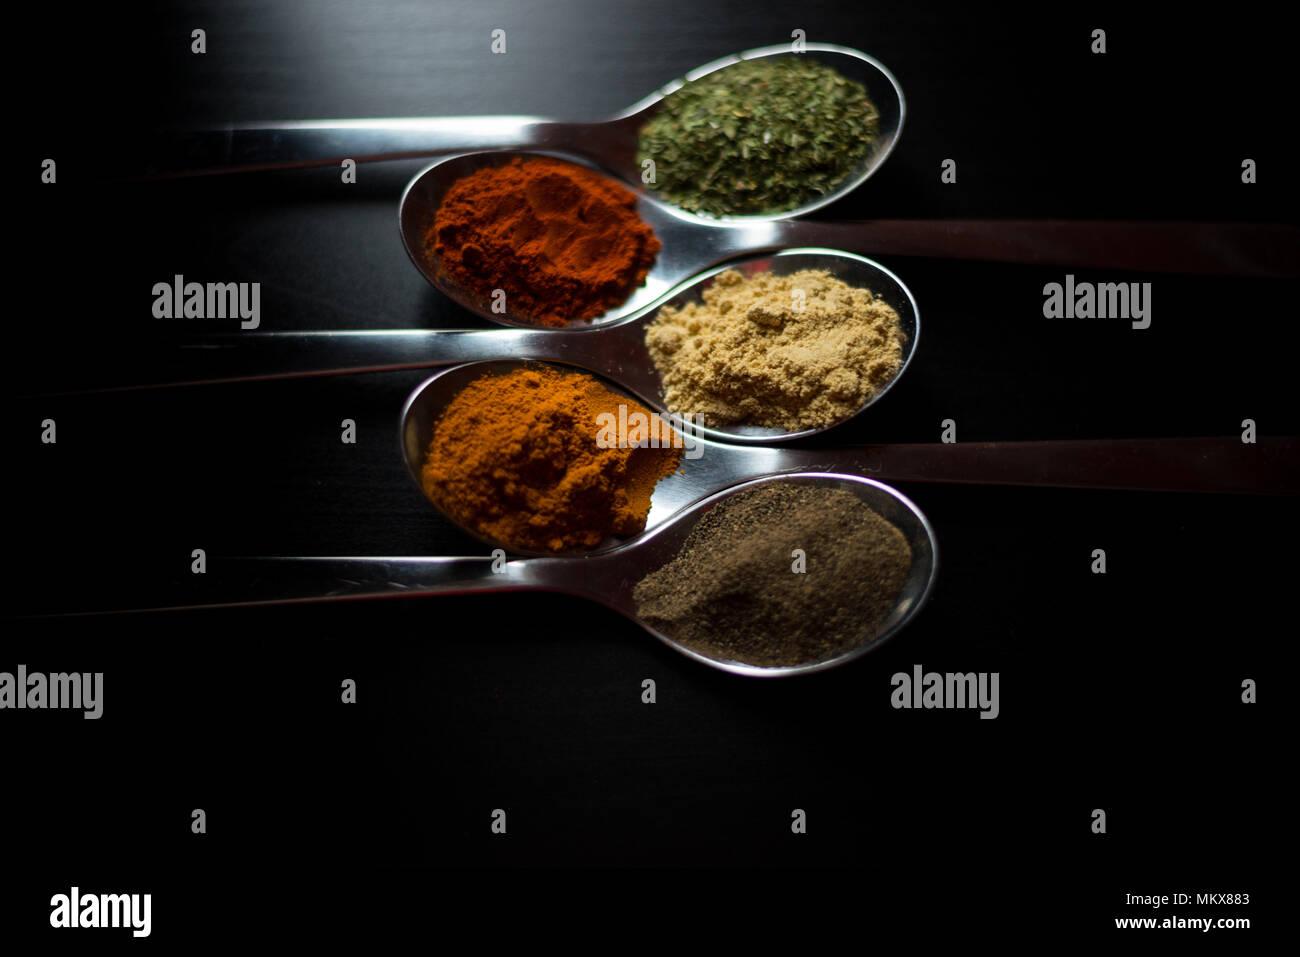 Gewürze farbige in Silber Löffel, auf einem schwarzen Holztisch gelegt. Pfeffer, Pfeffer, Salz, Basilikum, Senf Stockfoto